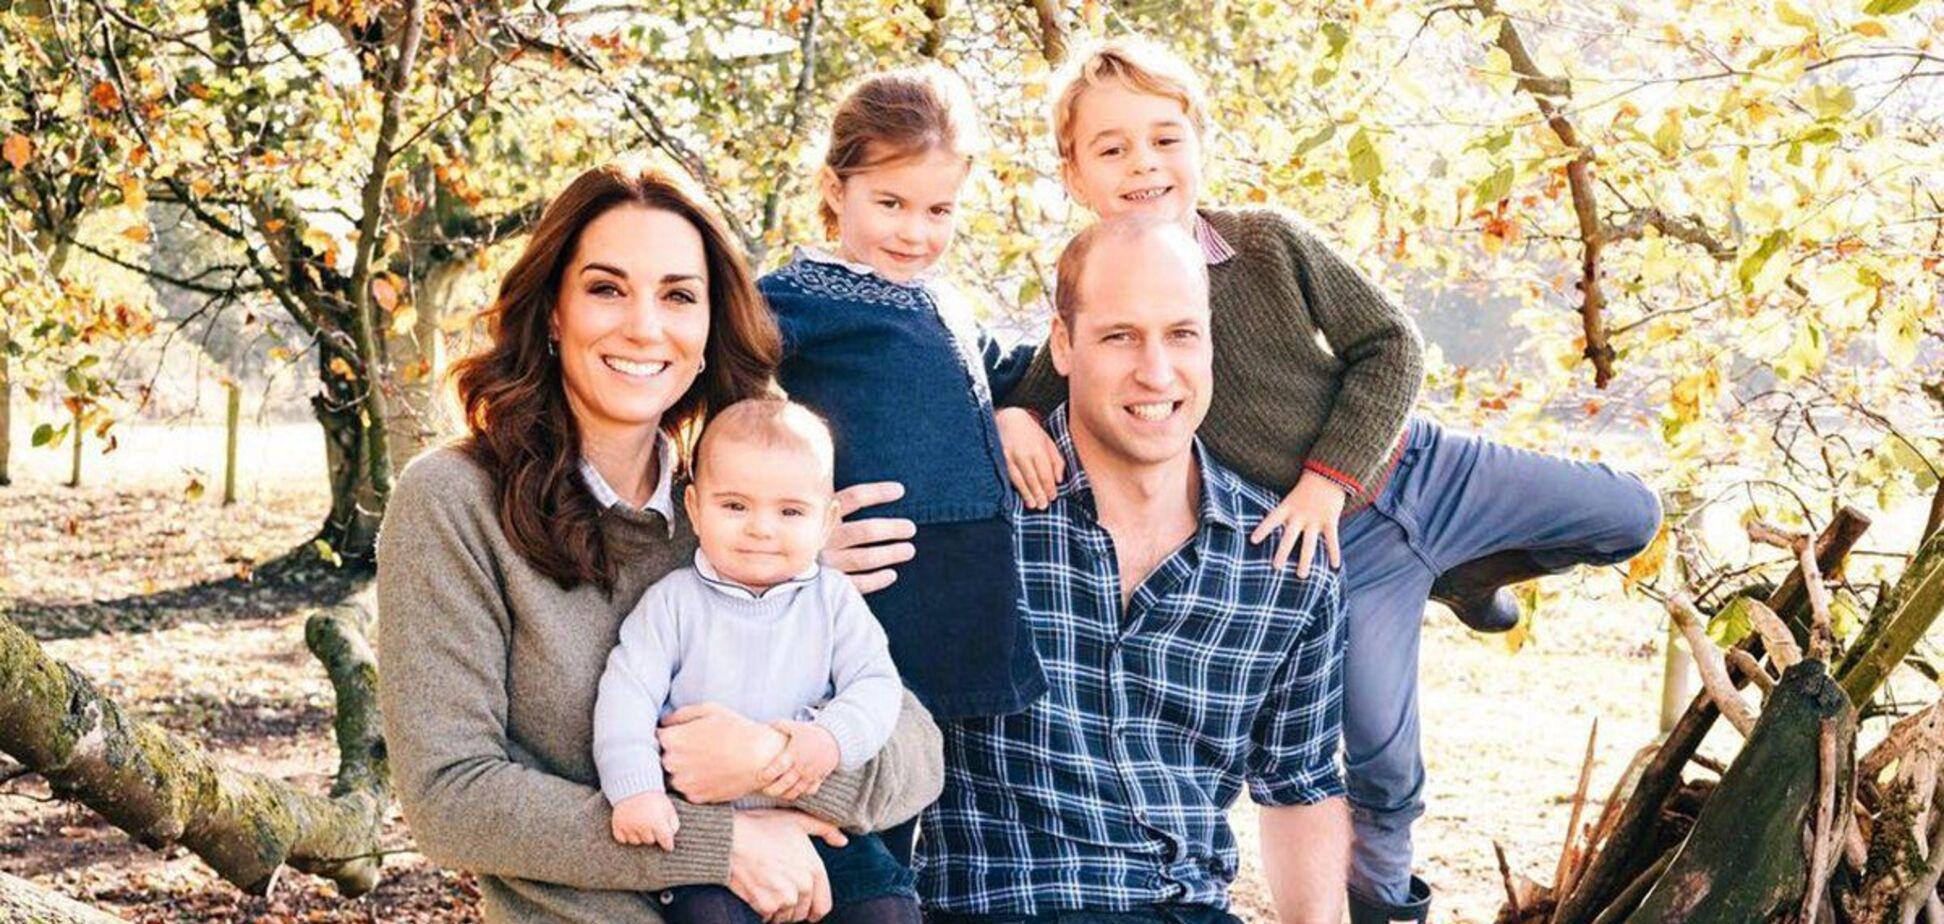 Кейт Міддлтон похвалилася відпочинком із сім'єю на островах